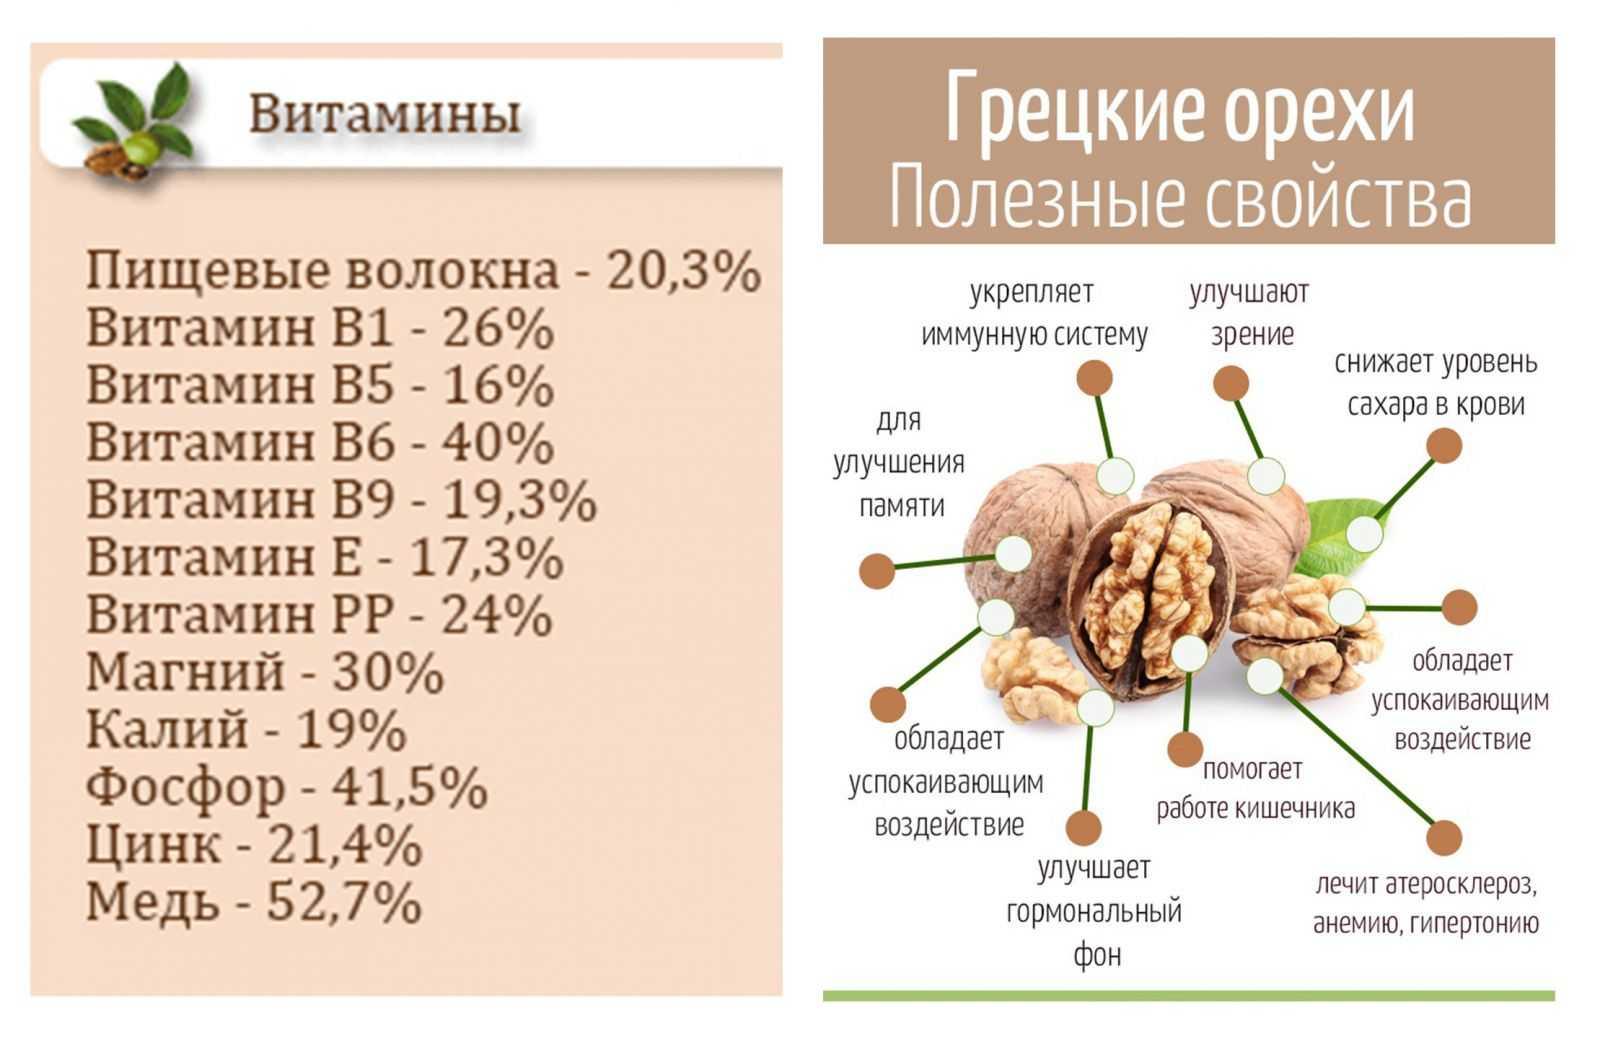 Грецкий орех детям: с какого возраста можно есть, давать ли до 12 месяцев и после 1 года, для чего полезен, сколько кушать в день, в чем польза и вред?